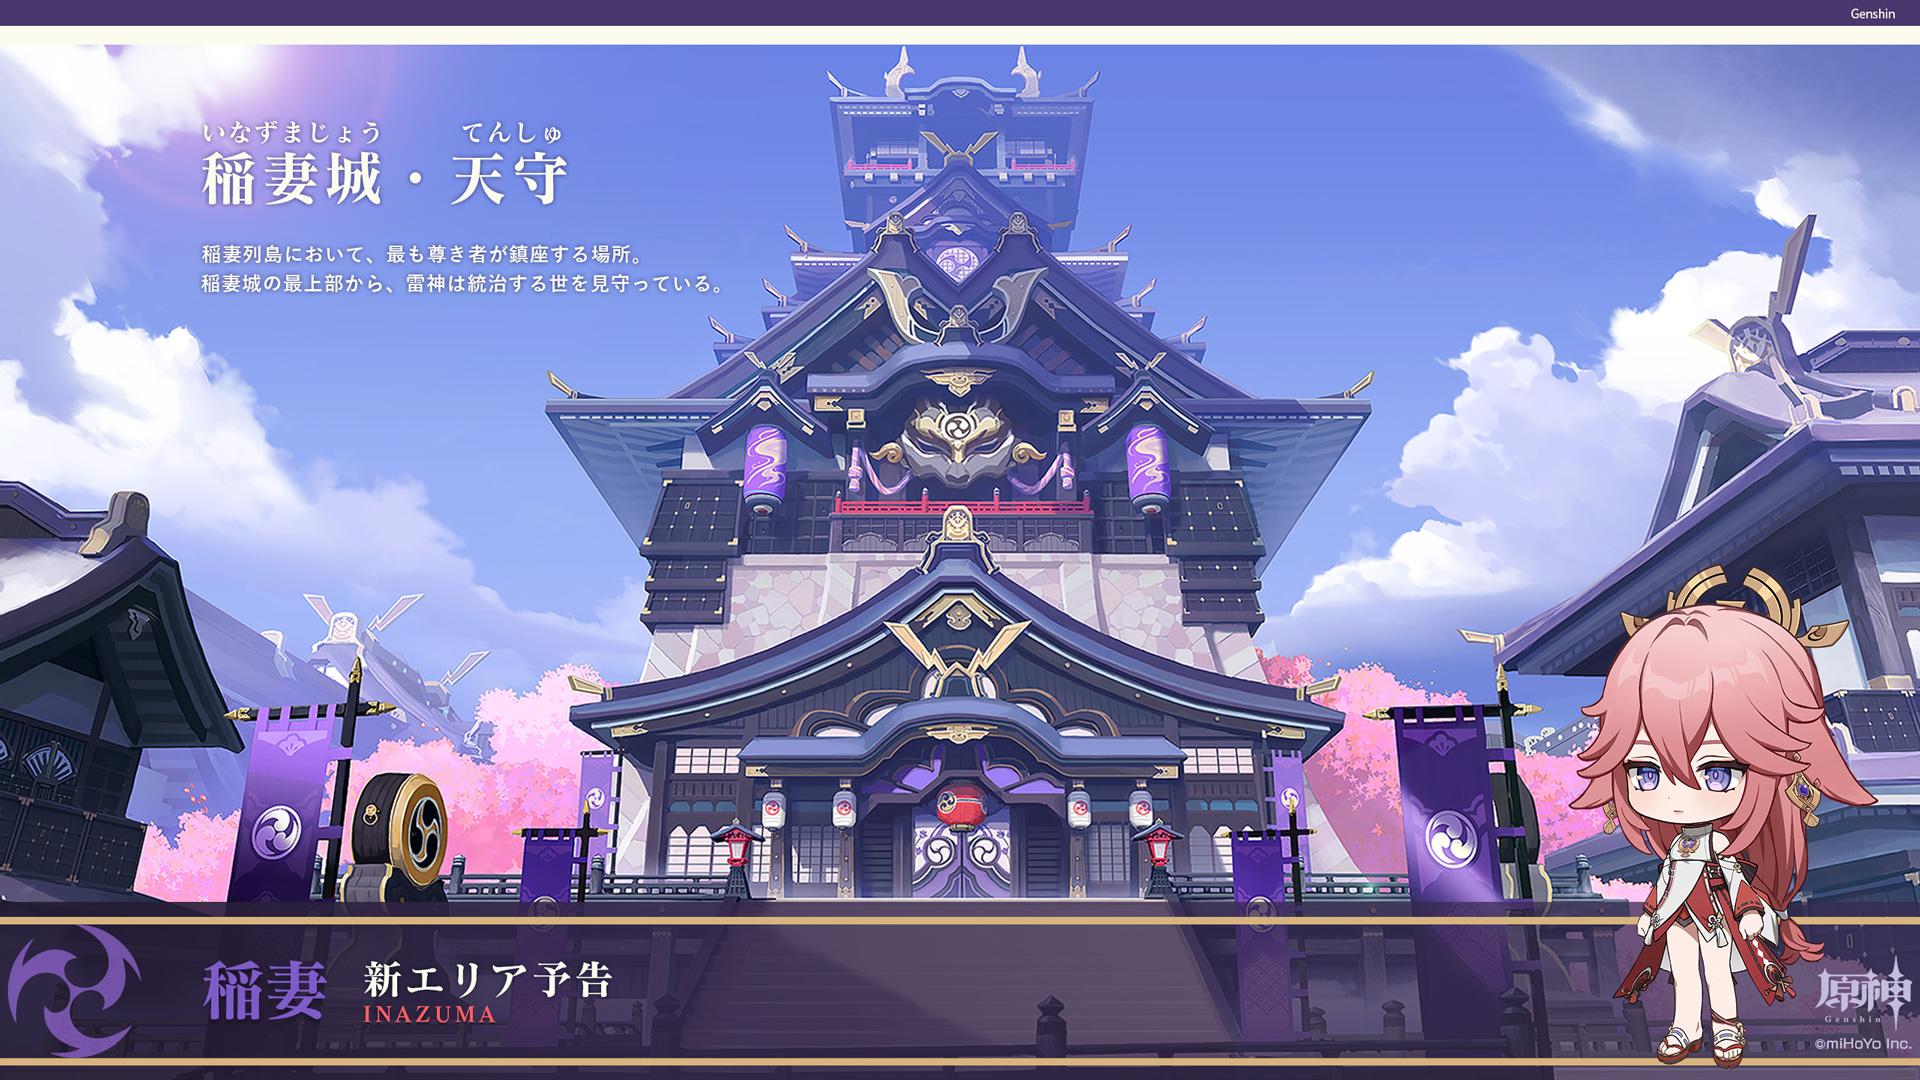 【原神まとめ】新エリア稲妻のコンセプトアートが公開!実装は来年?ピンク髪の子は八重桜?